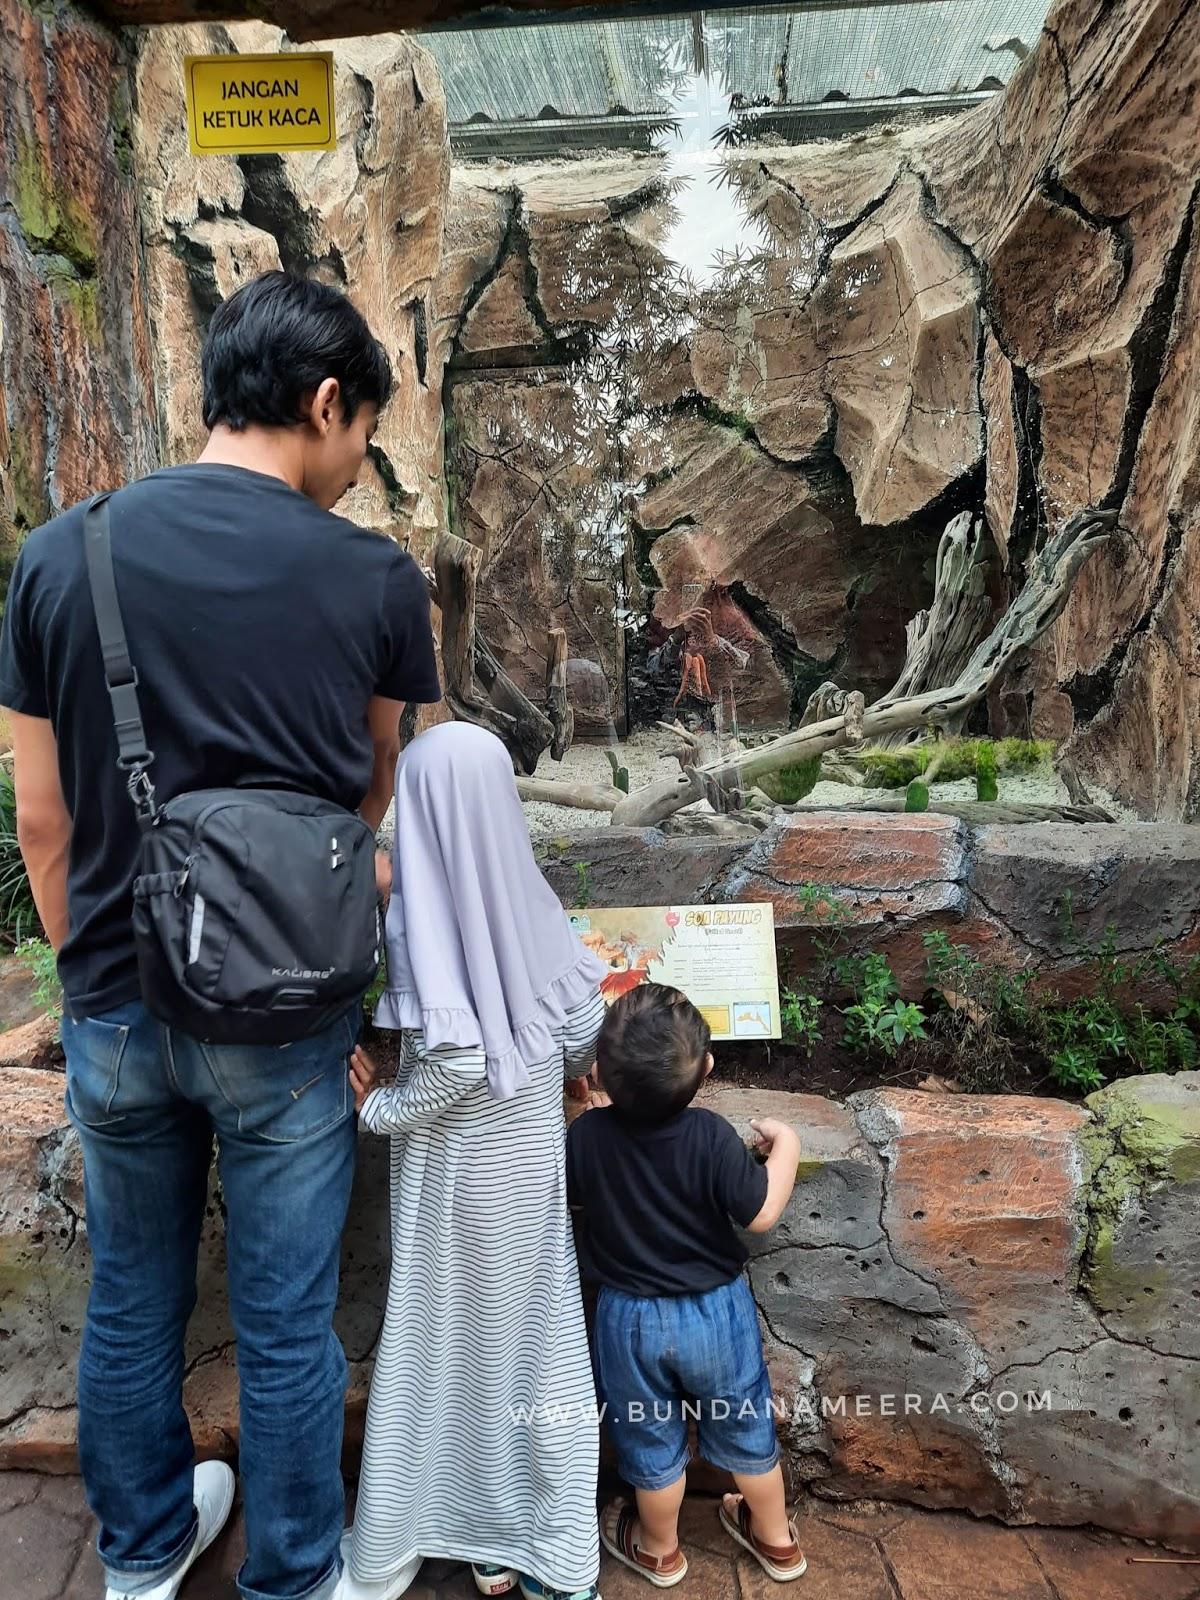 liburan ke kebun binatang Bandung, Bandung Zoo, wajah baru bonbin Bandung, manfaat berkunjung ke kebun binatang untuk anak